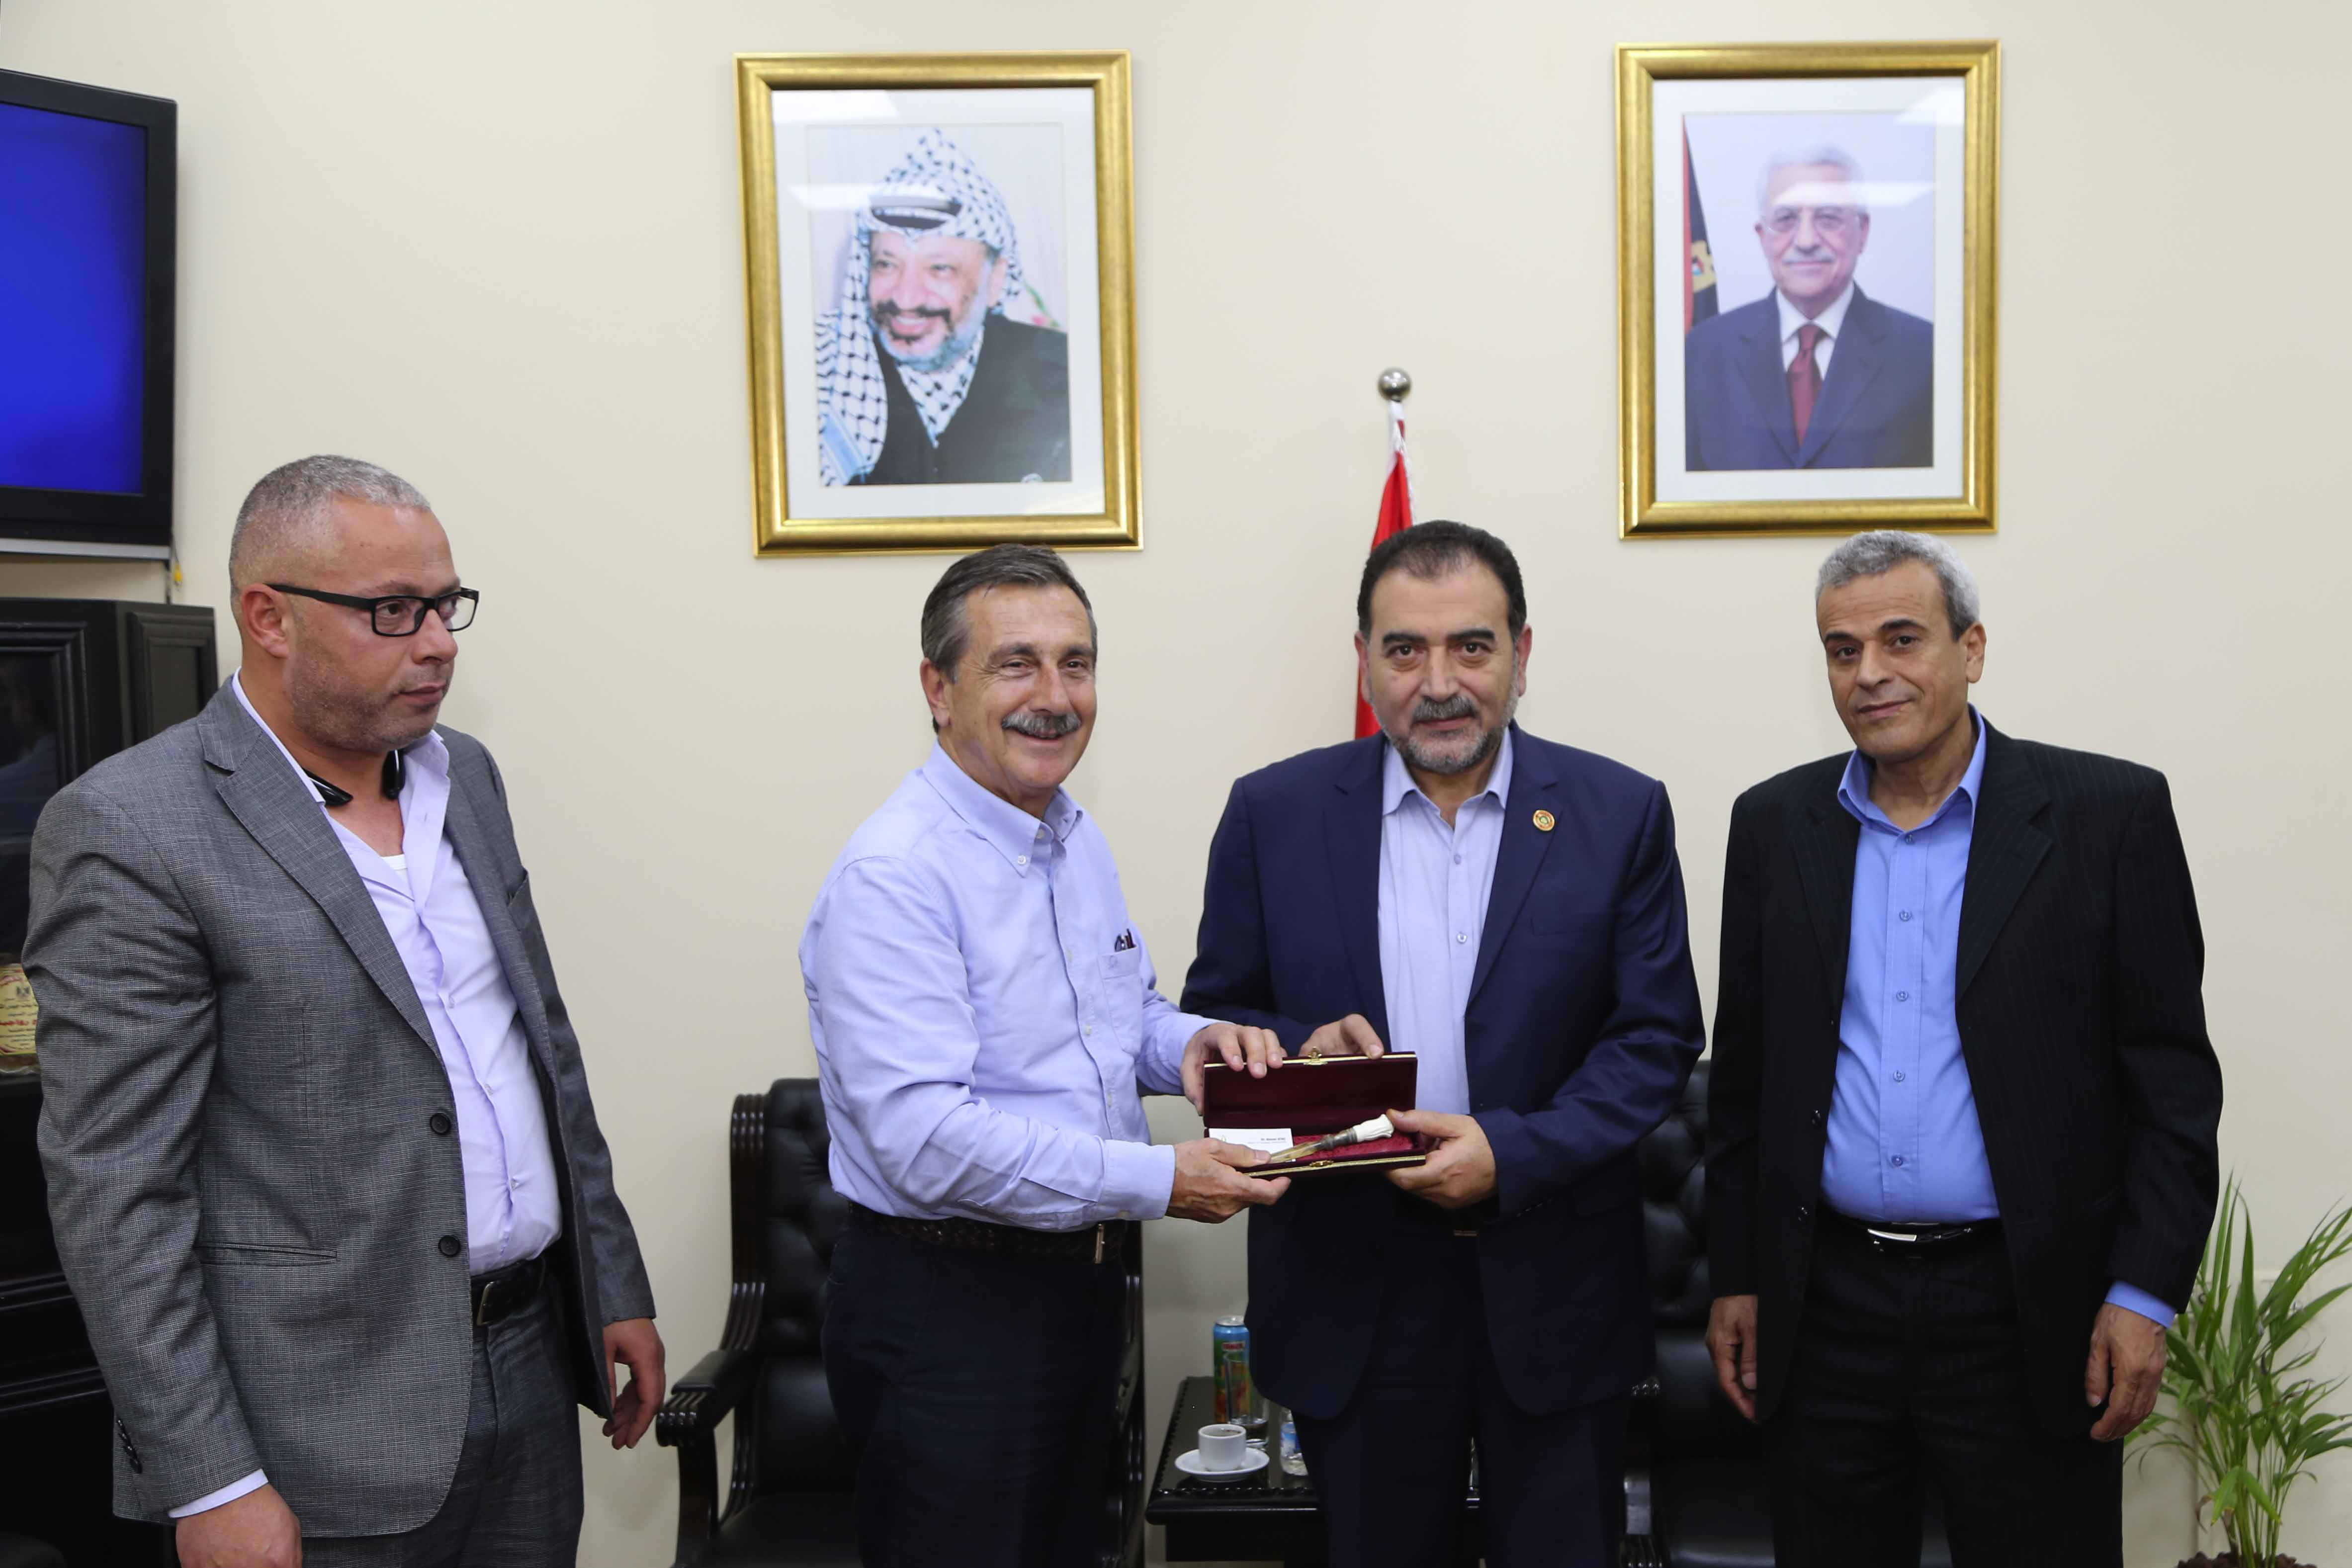 رئيس بلدية قلقيلية يشارك في لقاء وفد تركي في محافظة قلقيلية